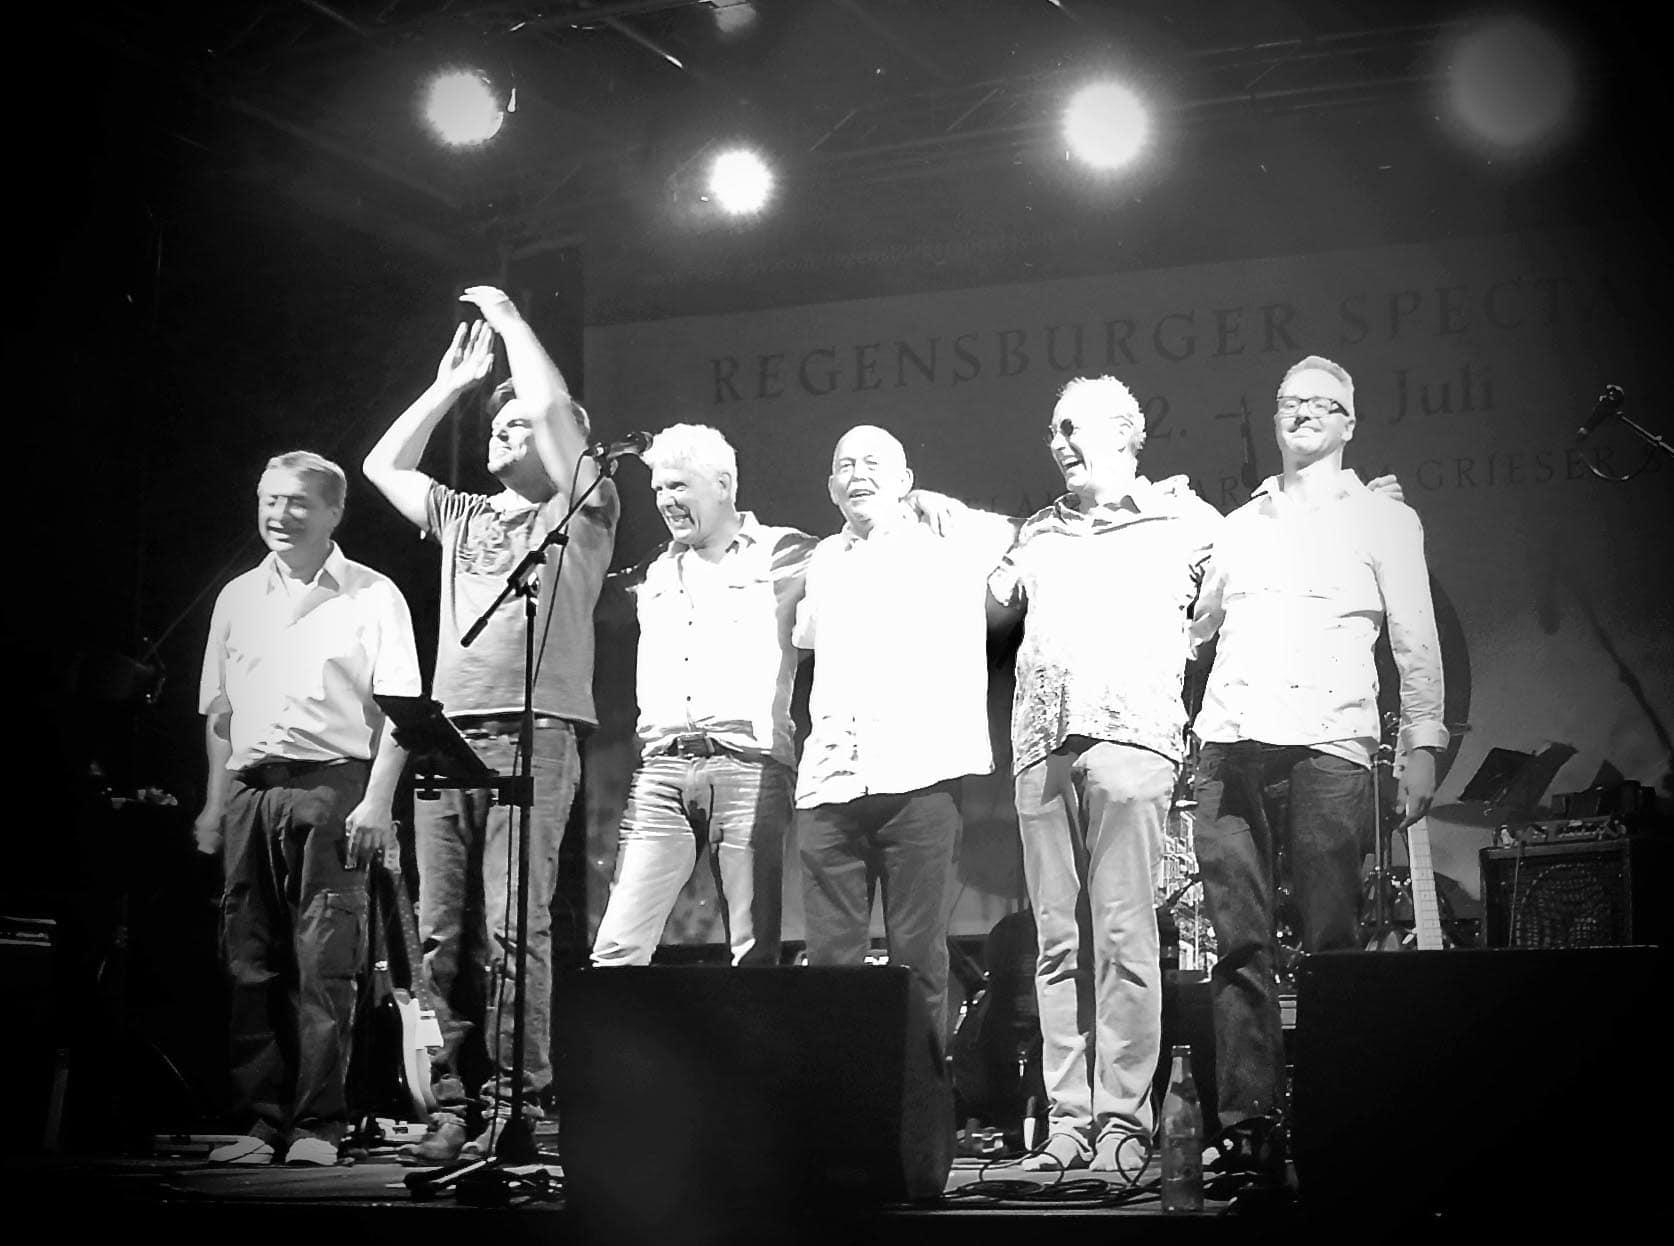 Erdiger Blues und fetziger Rock'n'Roll Konzert am Samstag (11.07.) in der Sportgaststätte des Freien TuS Regensburg